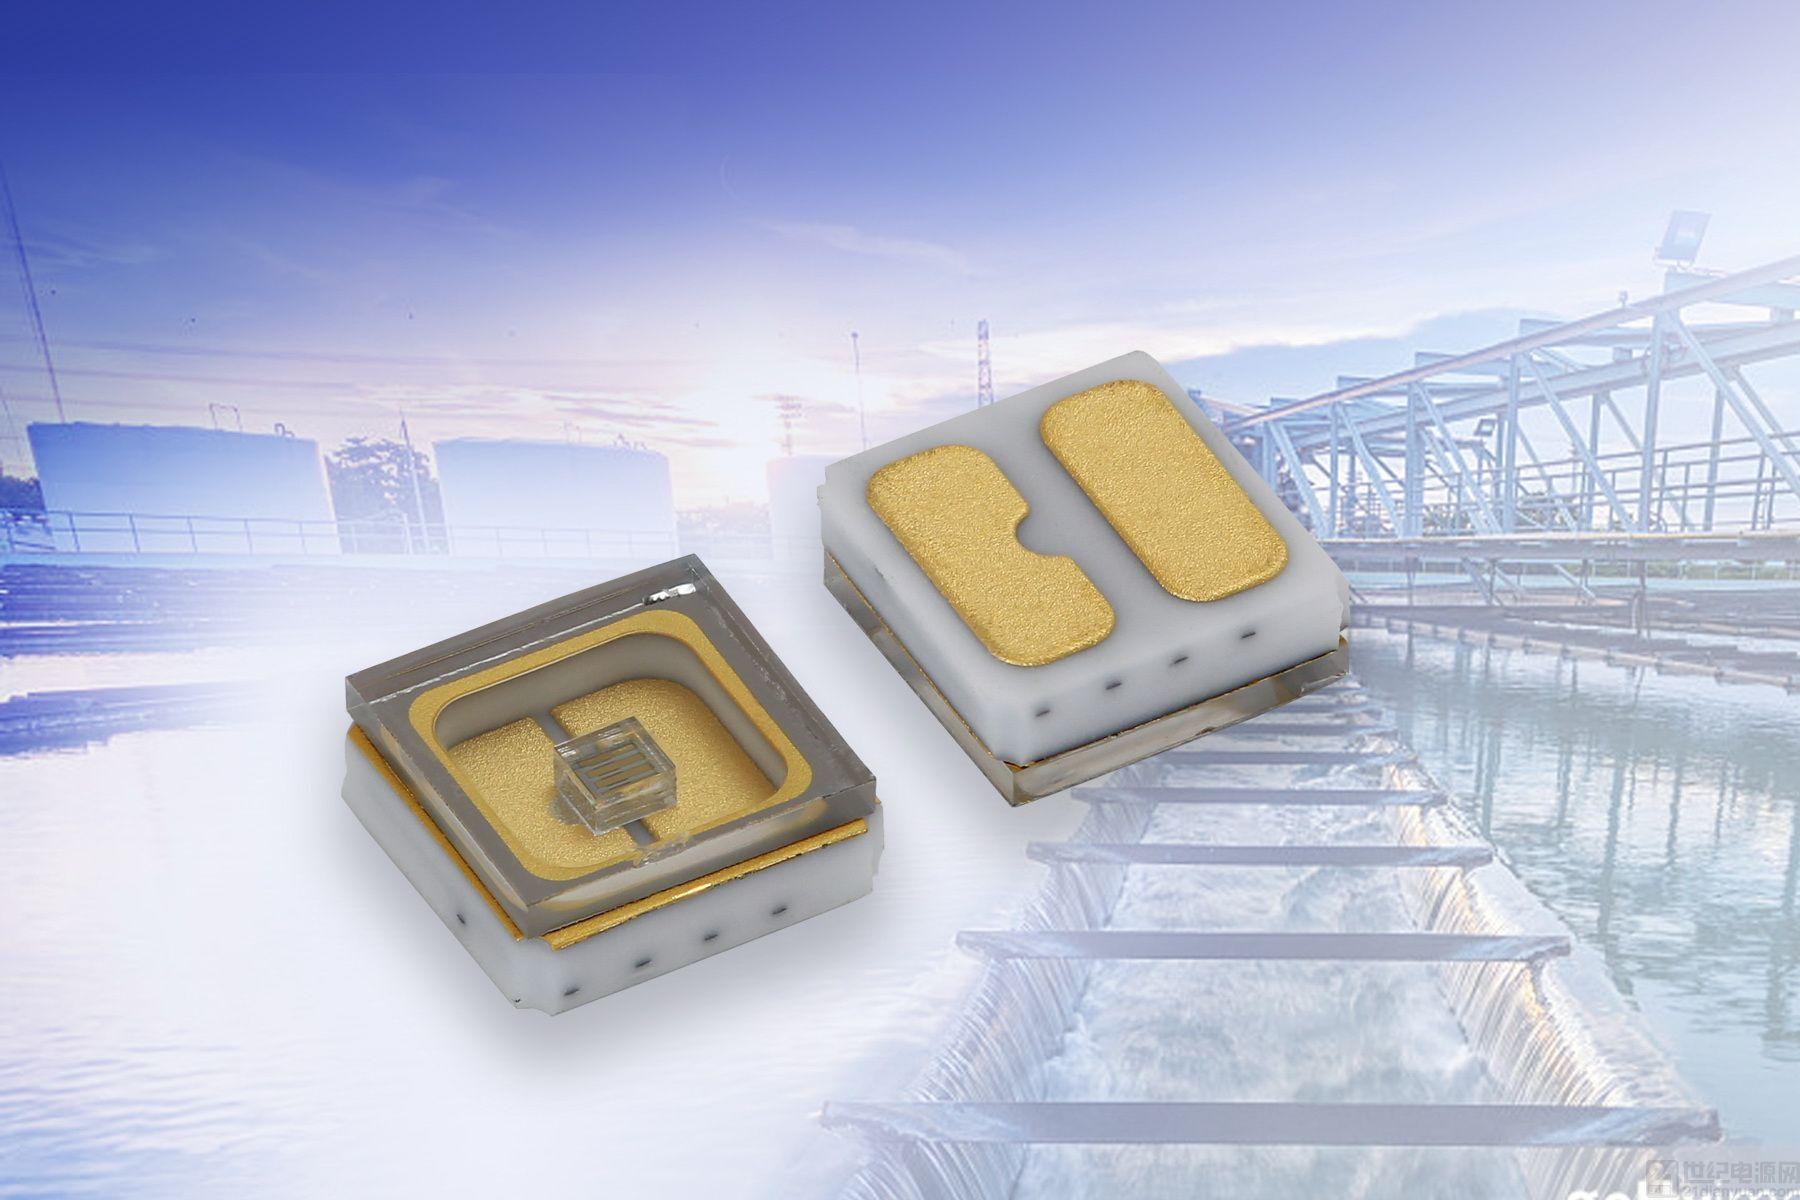 Vishay 推出用于消毒和净化等应用的超长寿命小型表面贴 UVC 发光二极管